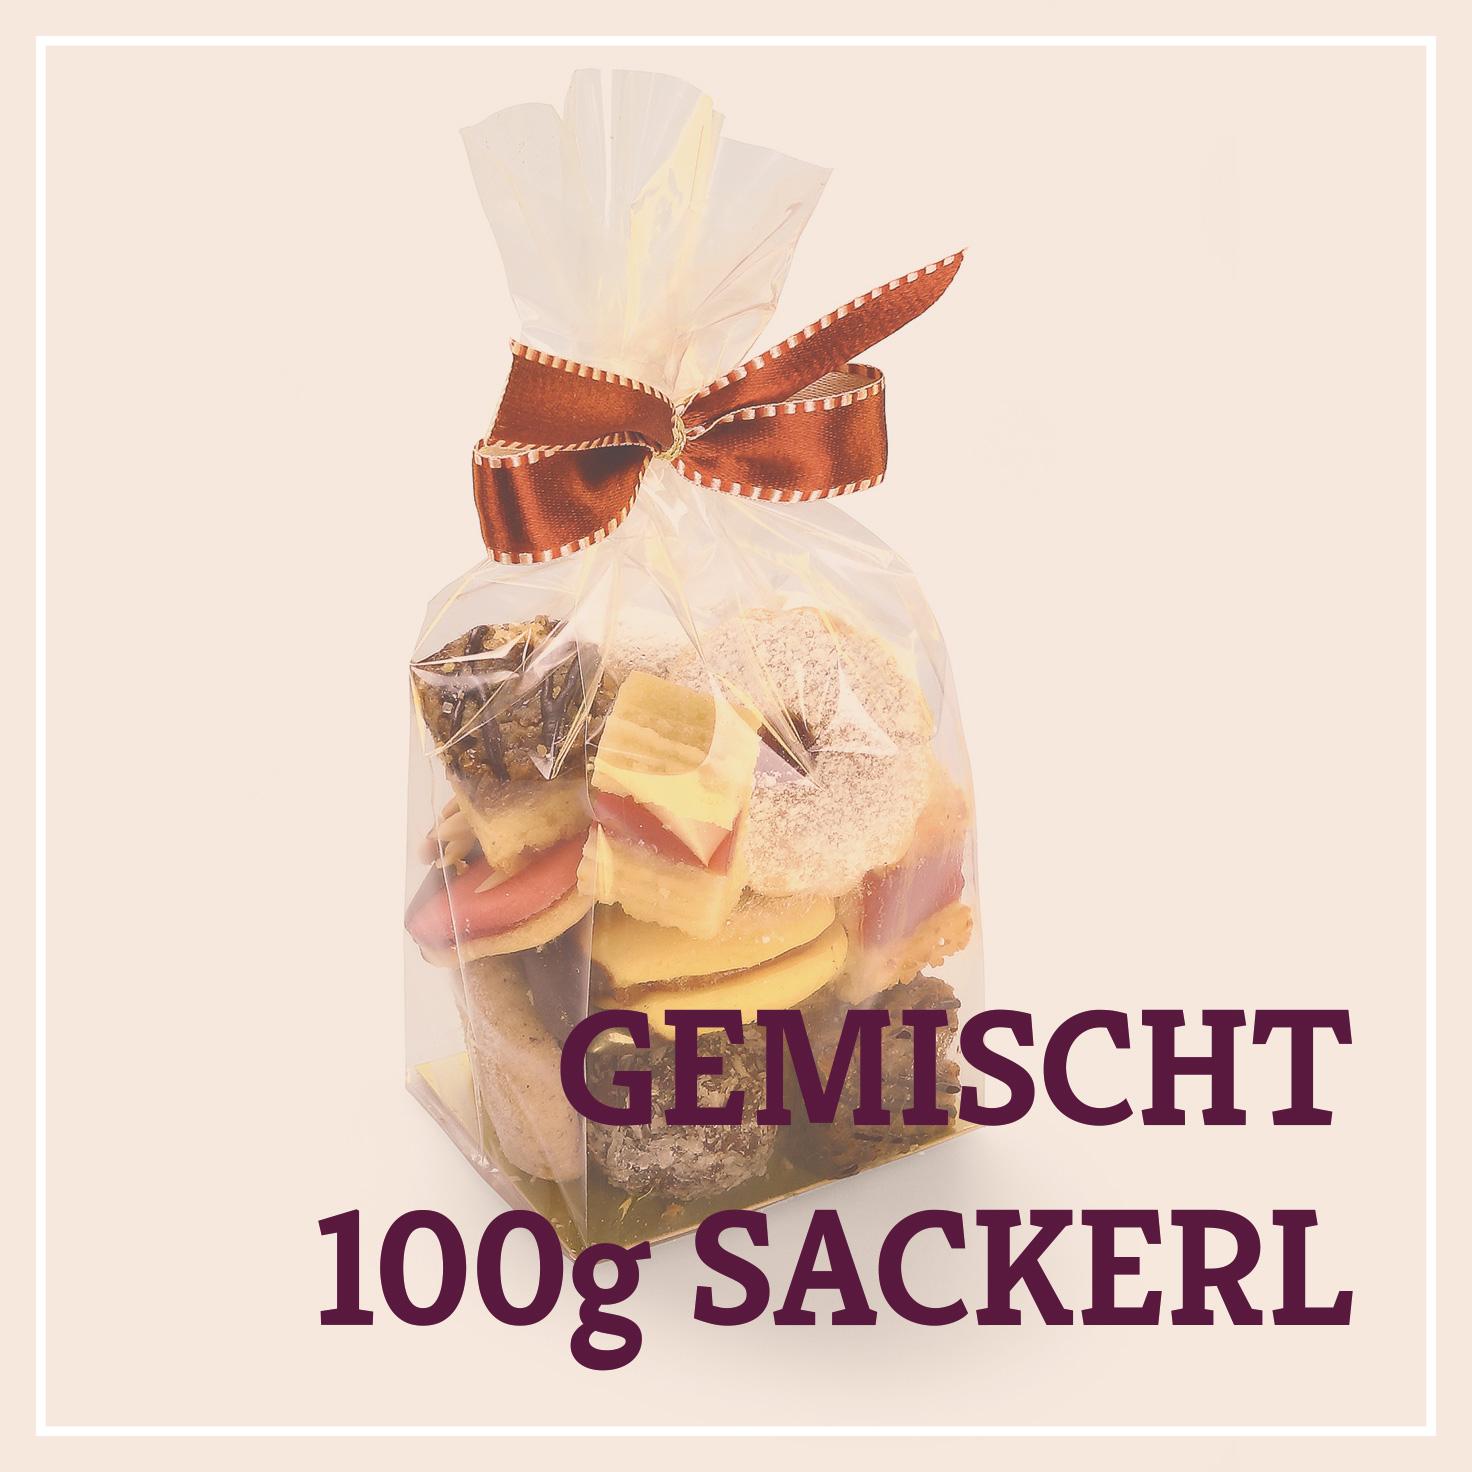 Heiss & Süß - Teebäckerei gemischt 100g im Sackerl